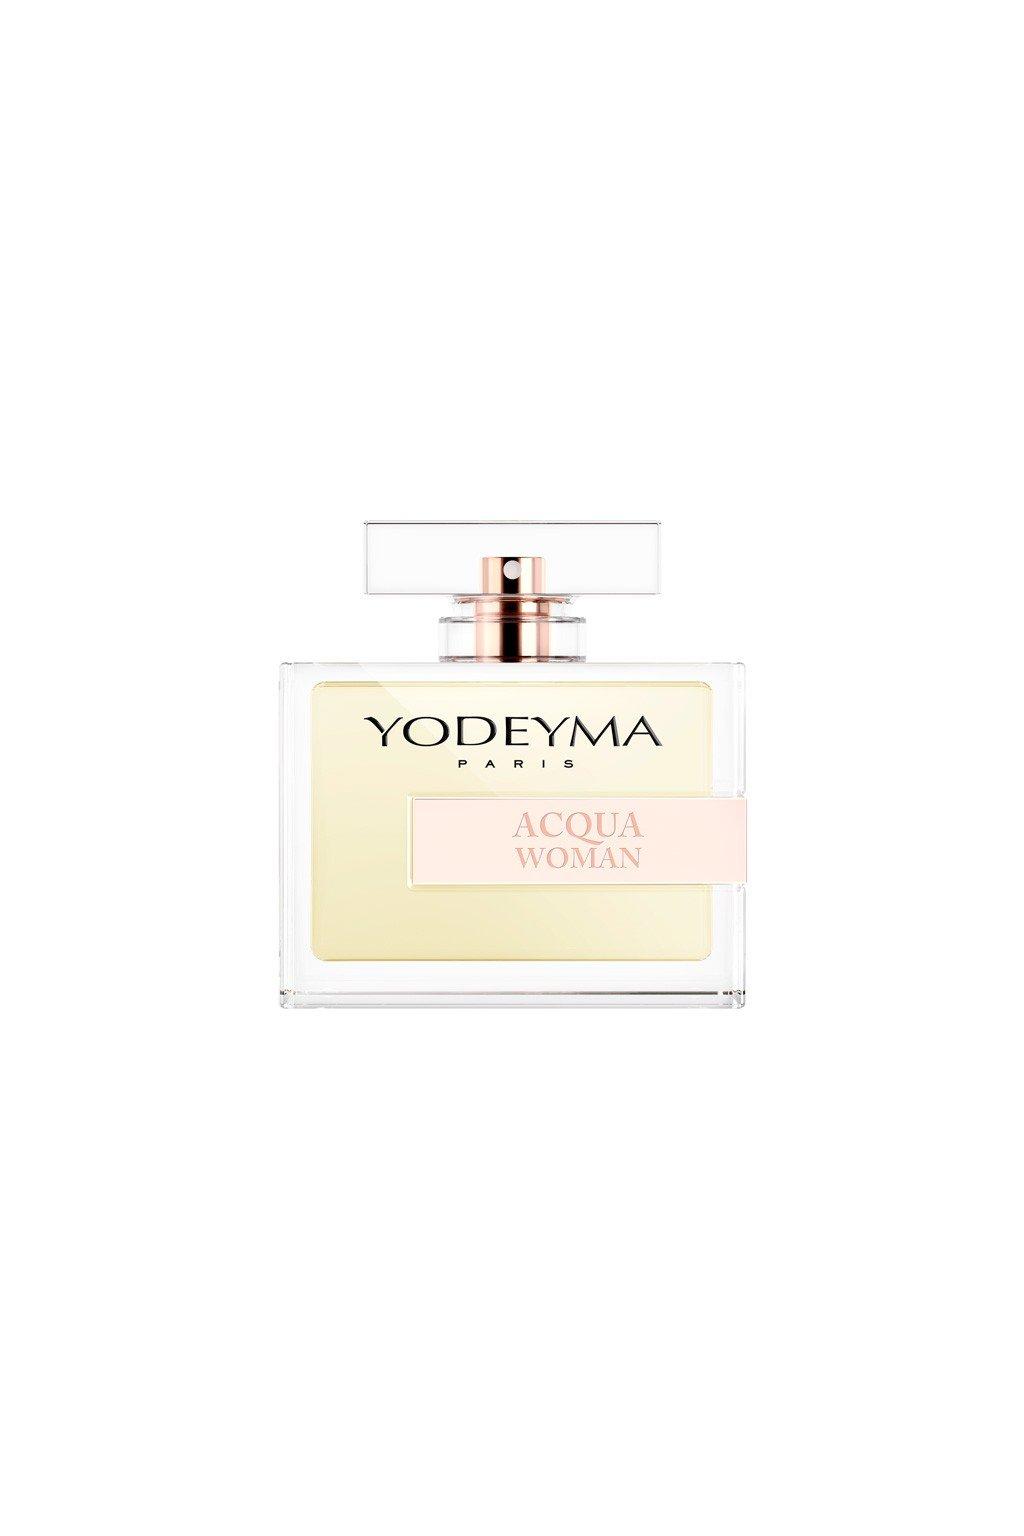 Dámský parfém YODEYMA Acqua Woman - parfém měsíce: Říjen 21